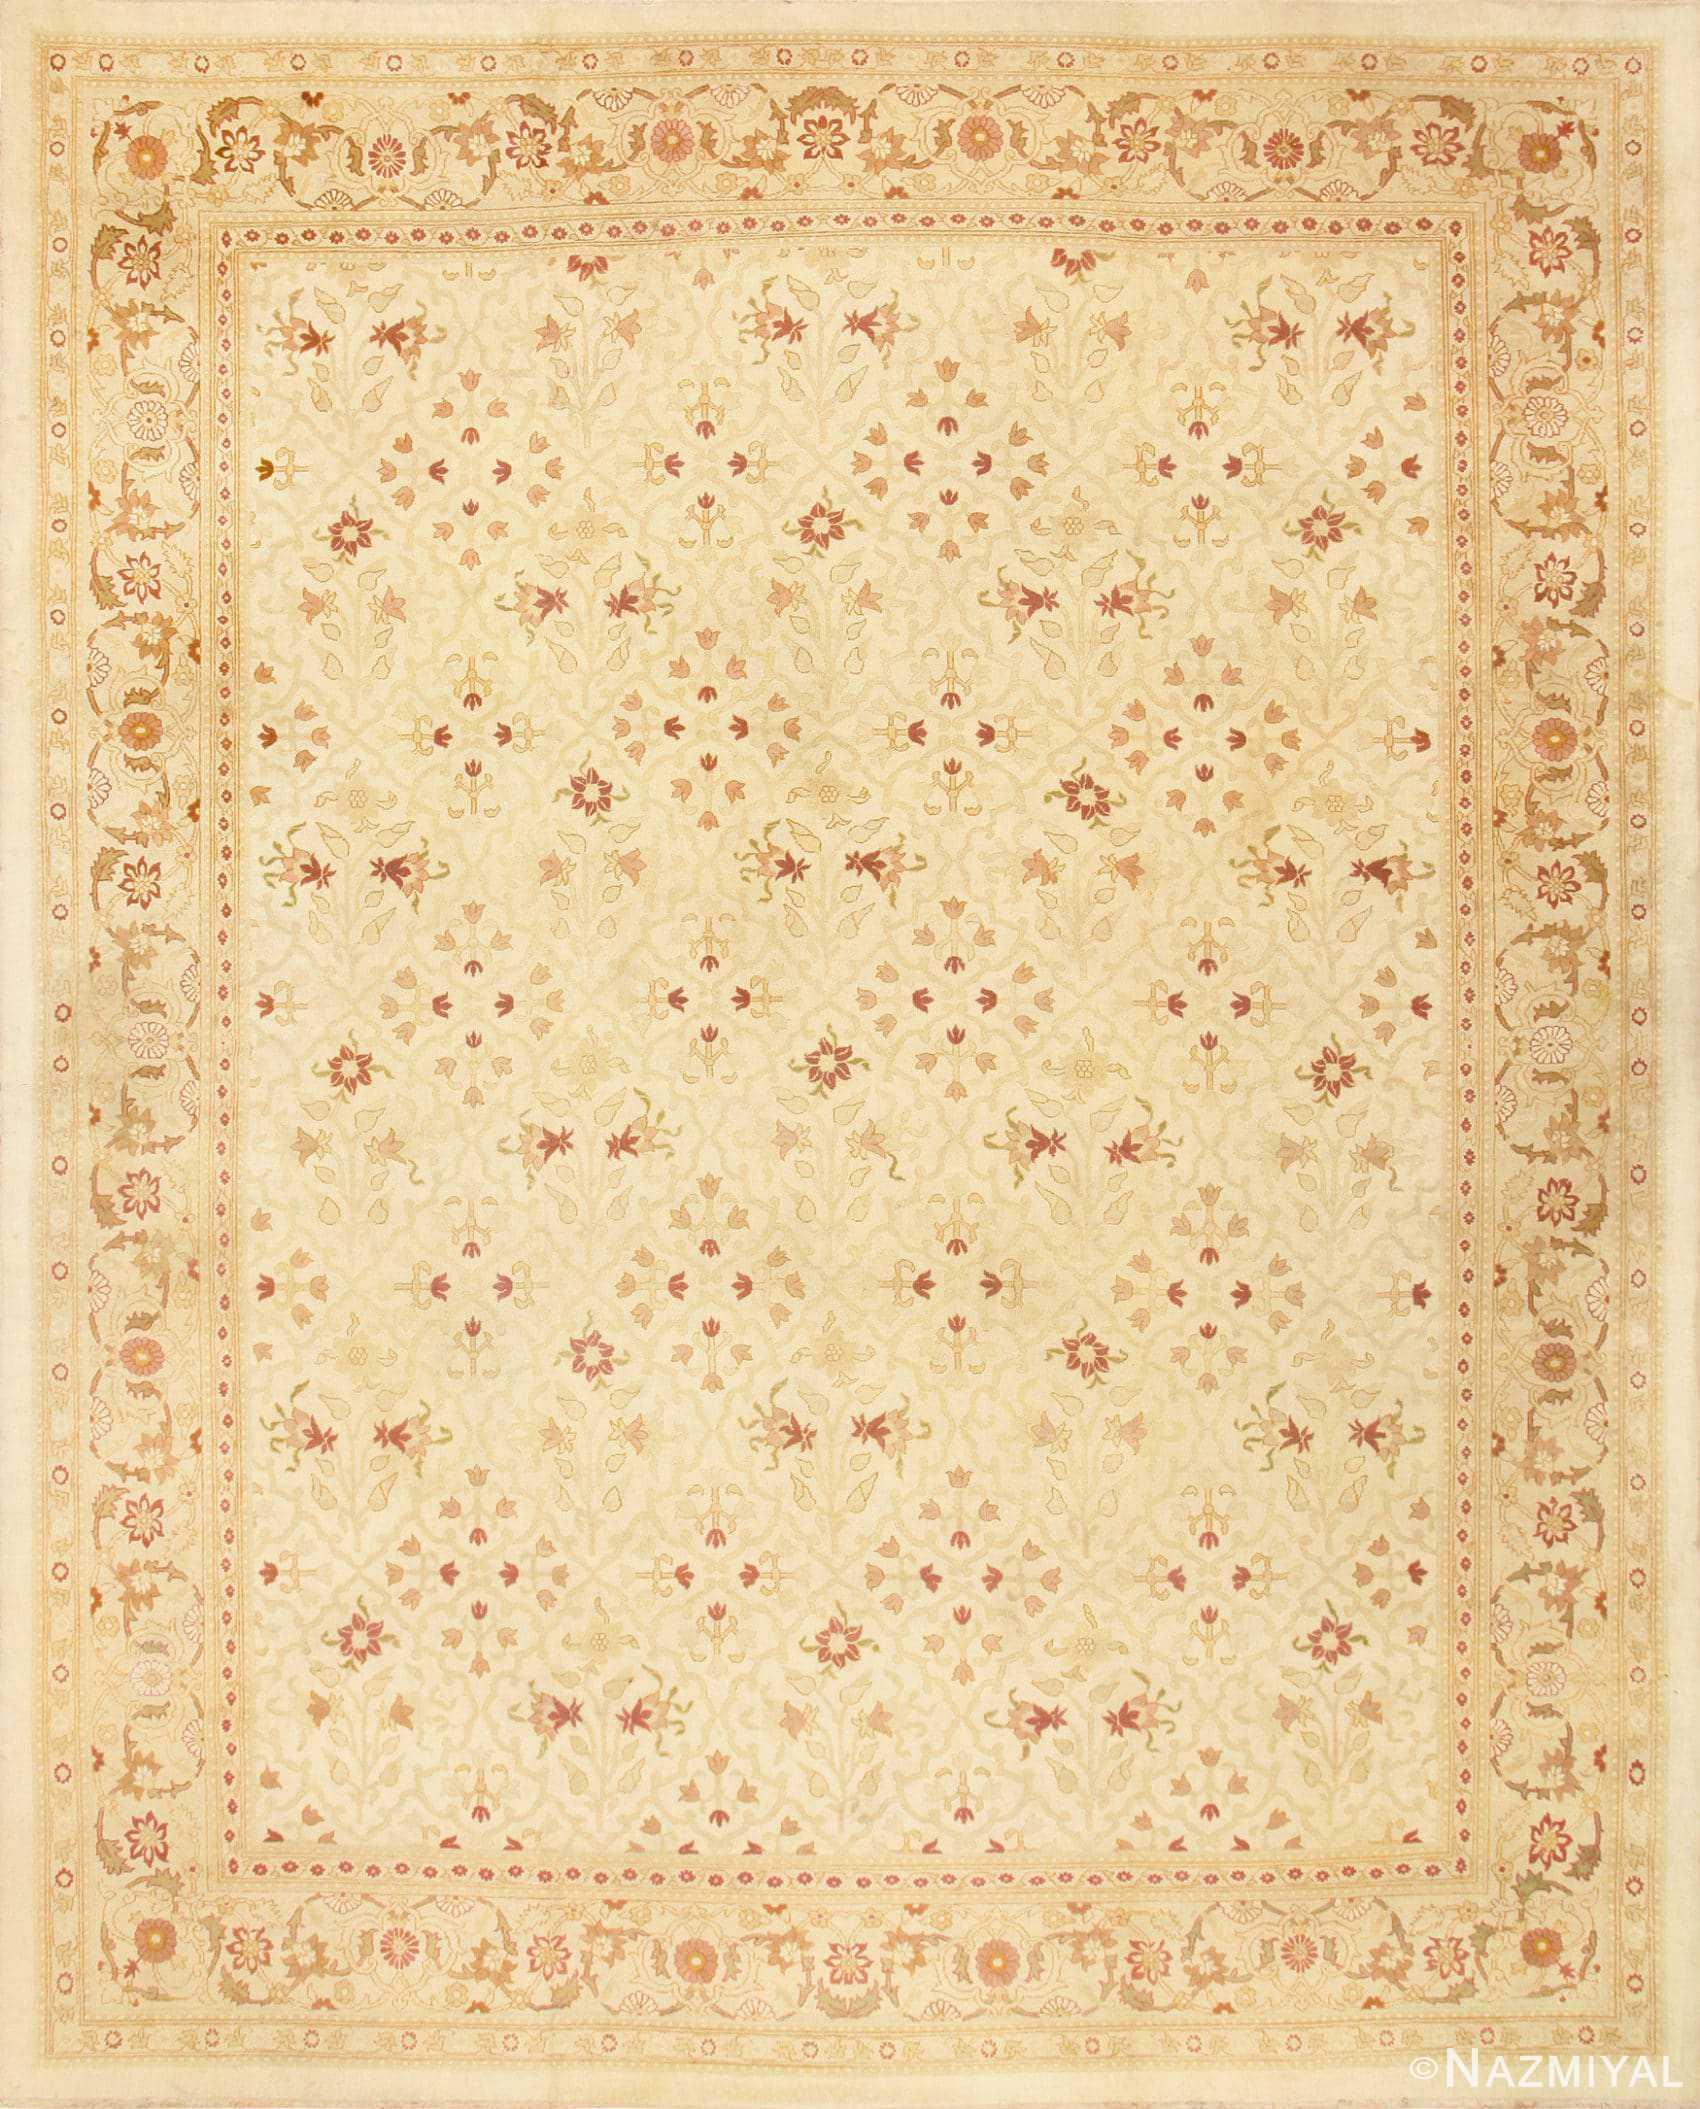 Large Cream Background Antique Indian Amritsar Rug 50658 Nazmiyal